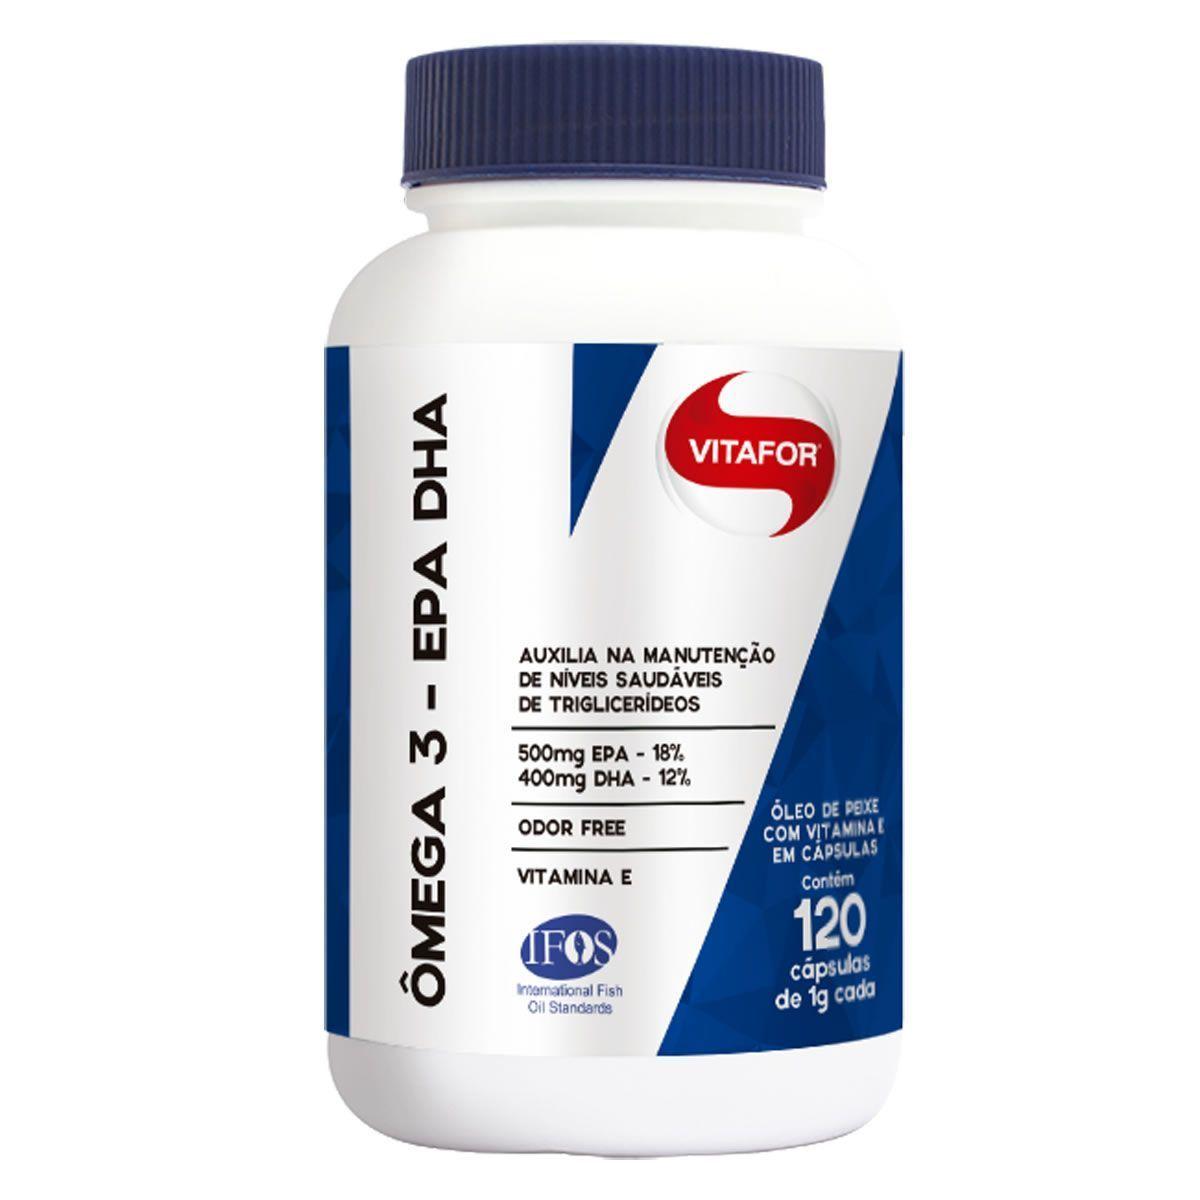 Omega 3 EPA DHA (Omegafor) - 120 Cápsulas 1g - Vitafor